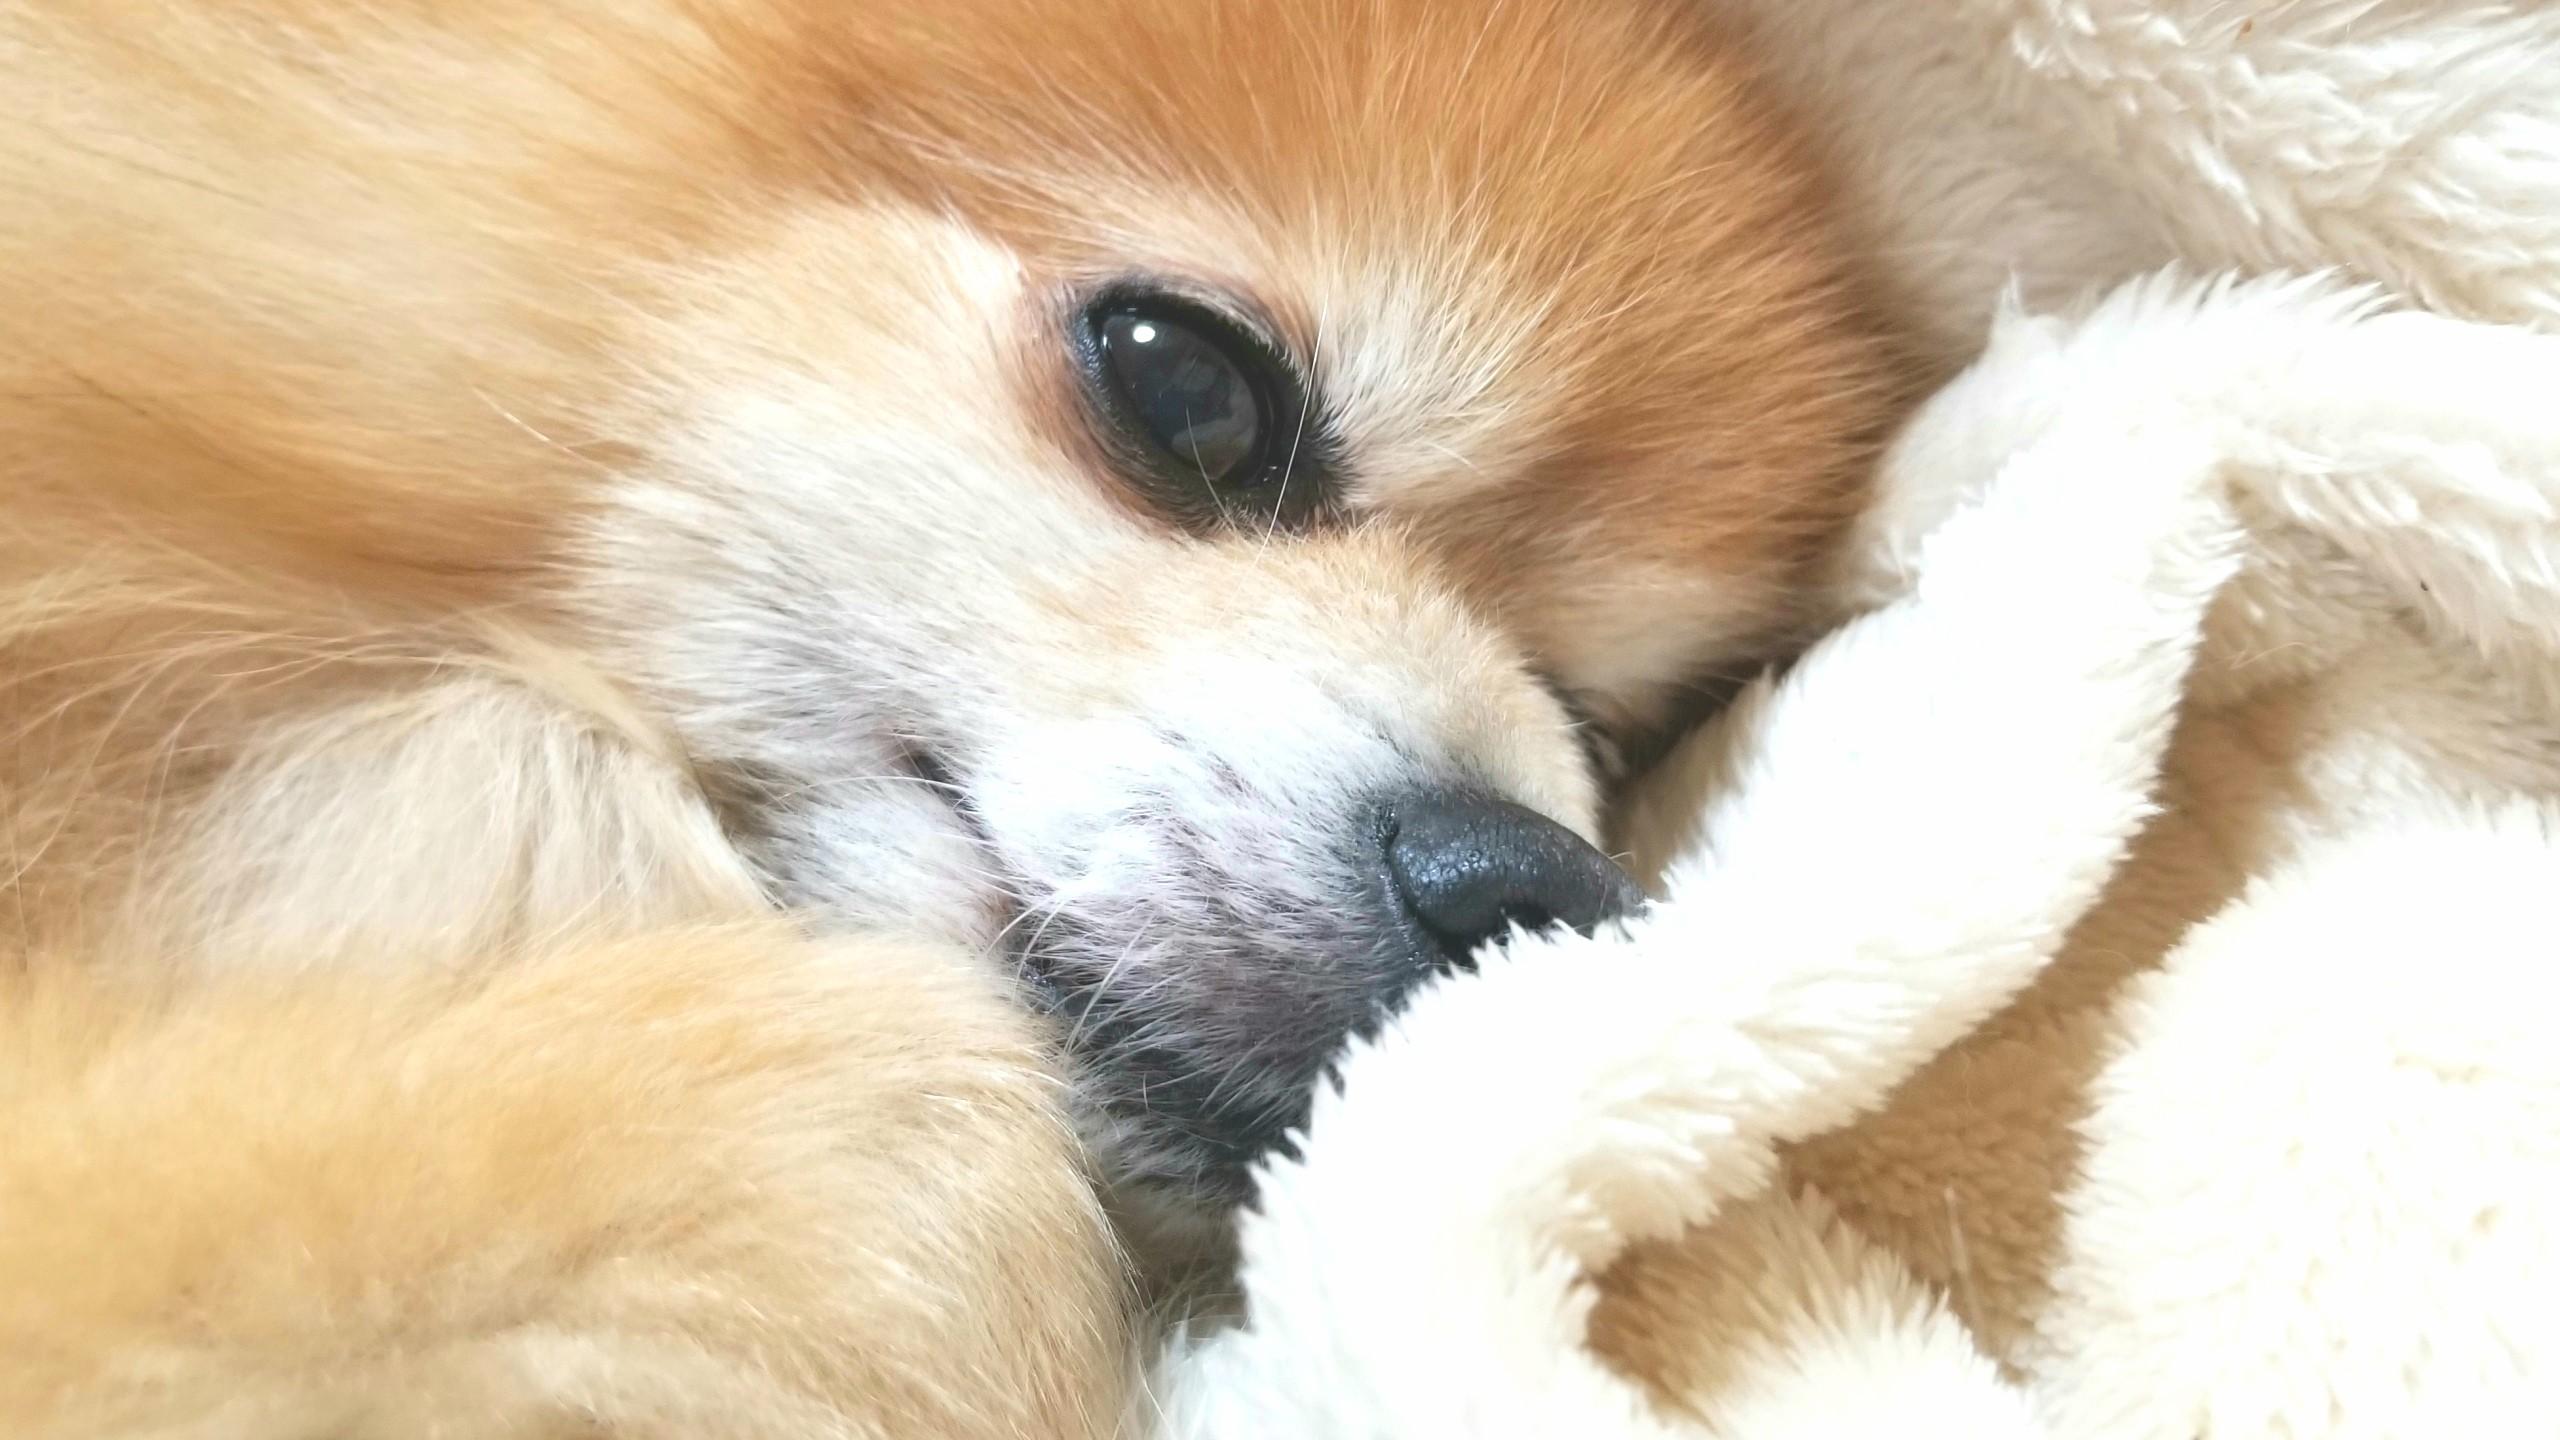 愛犬,犬大好き,世界一かわいいポメラニアン,もふもふにやにや,男の子